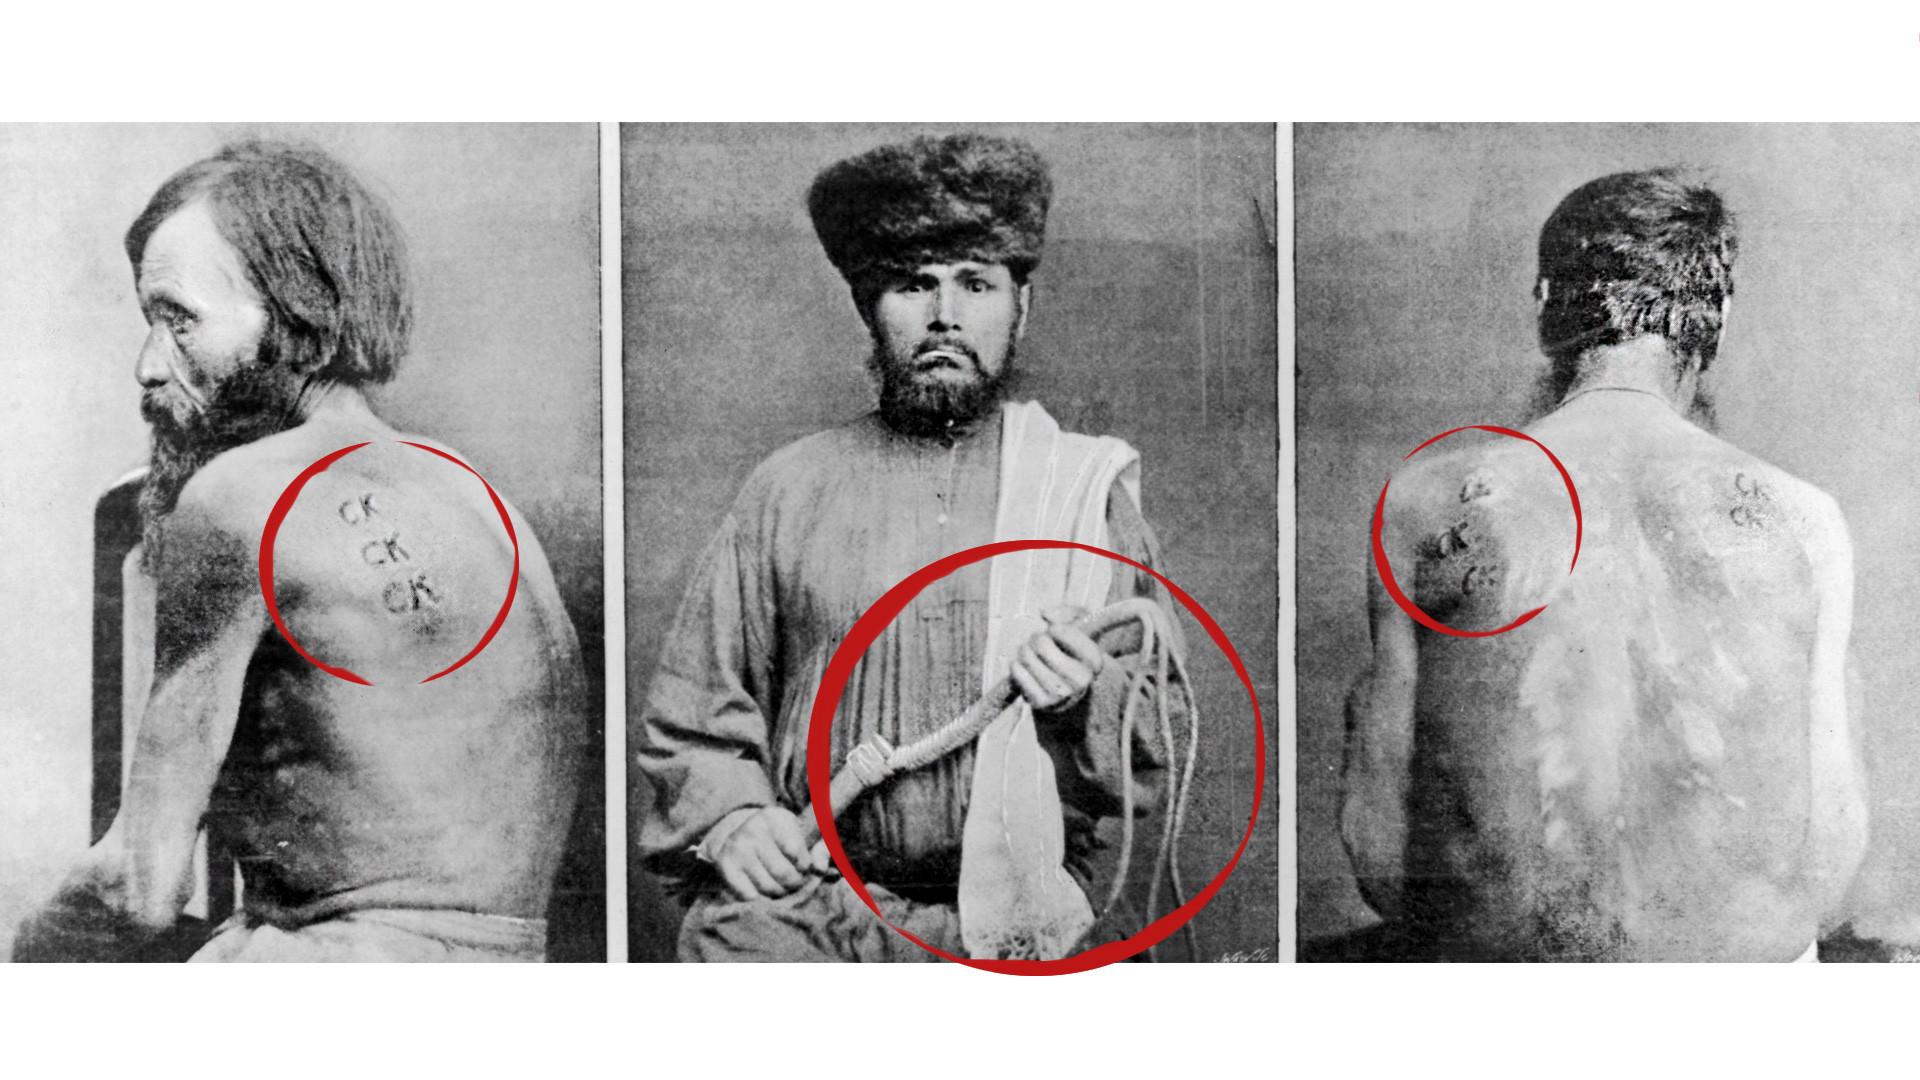 De gauche à droite : un forçat sibérien marqué des lettres « SK » pour avoir tenté de s'évader, un bourreau et un prisonnier blessé par un fouet, vers 1860.